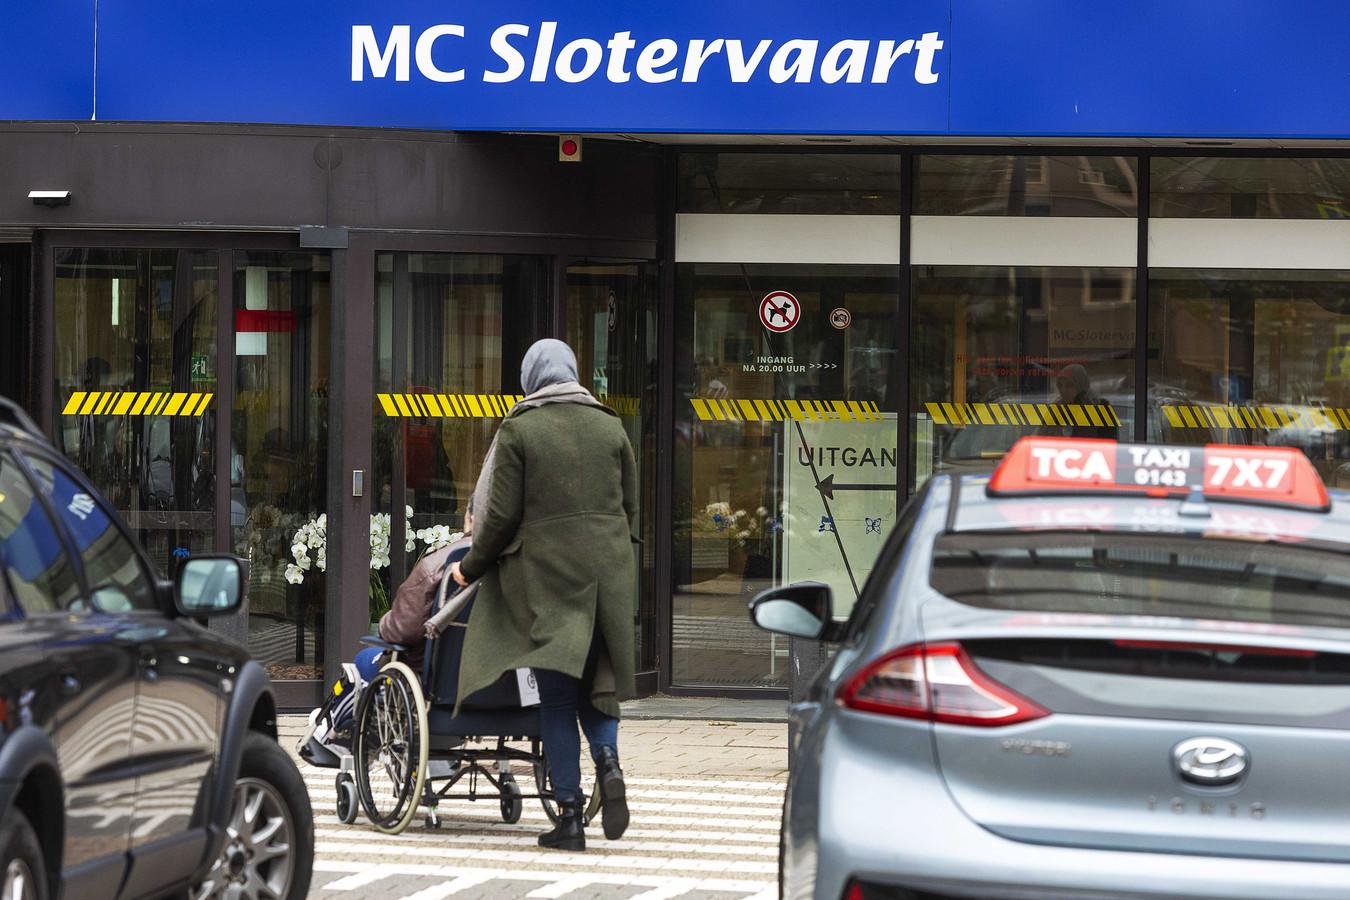 Samen met de MC IJsselmeerziekenhuizen heeft MC Slotervaart uitstel van betaling aangevraagd